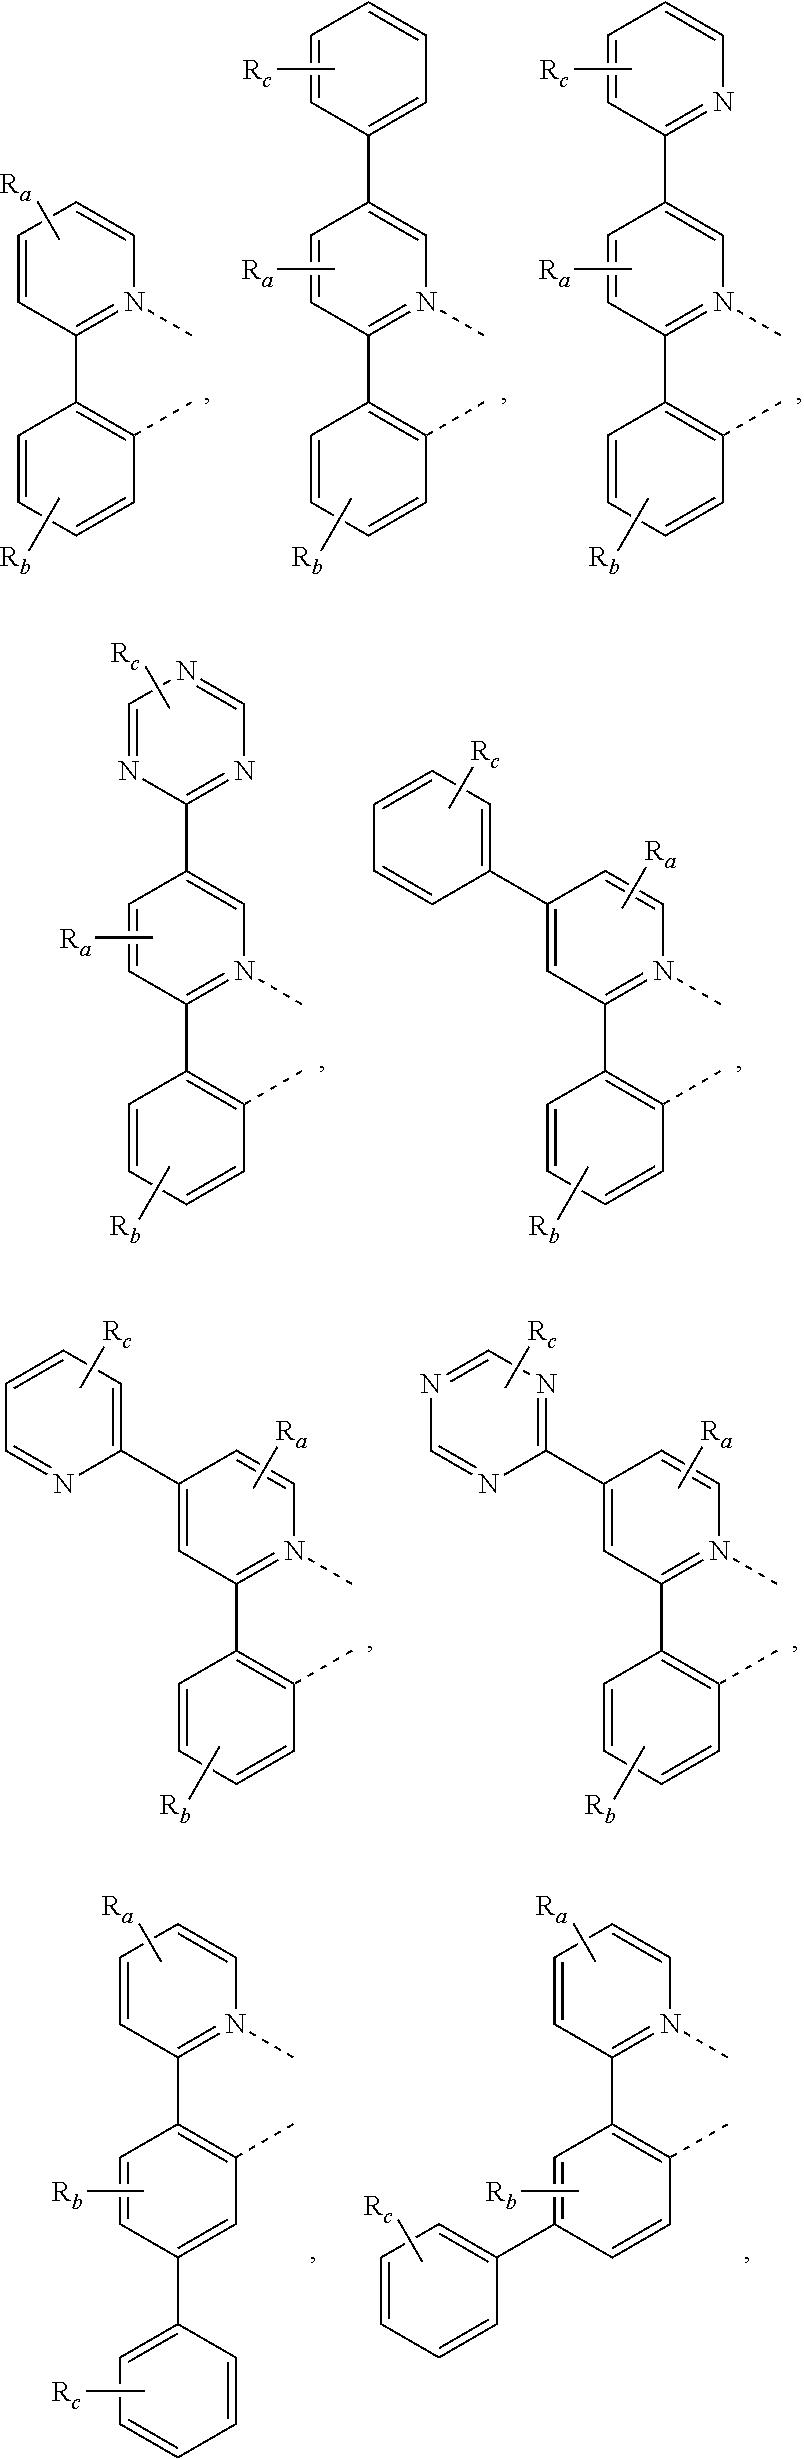 Figure US20180130962A1-20180510-C00020